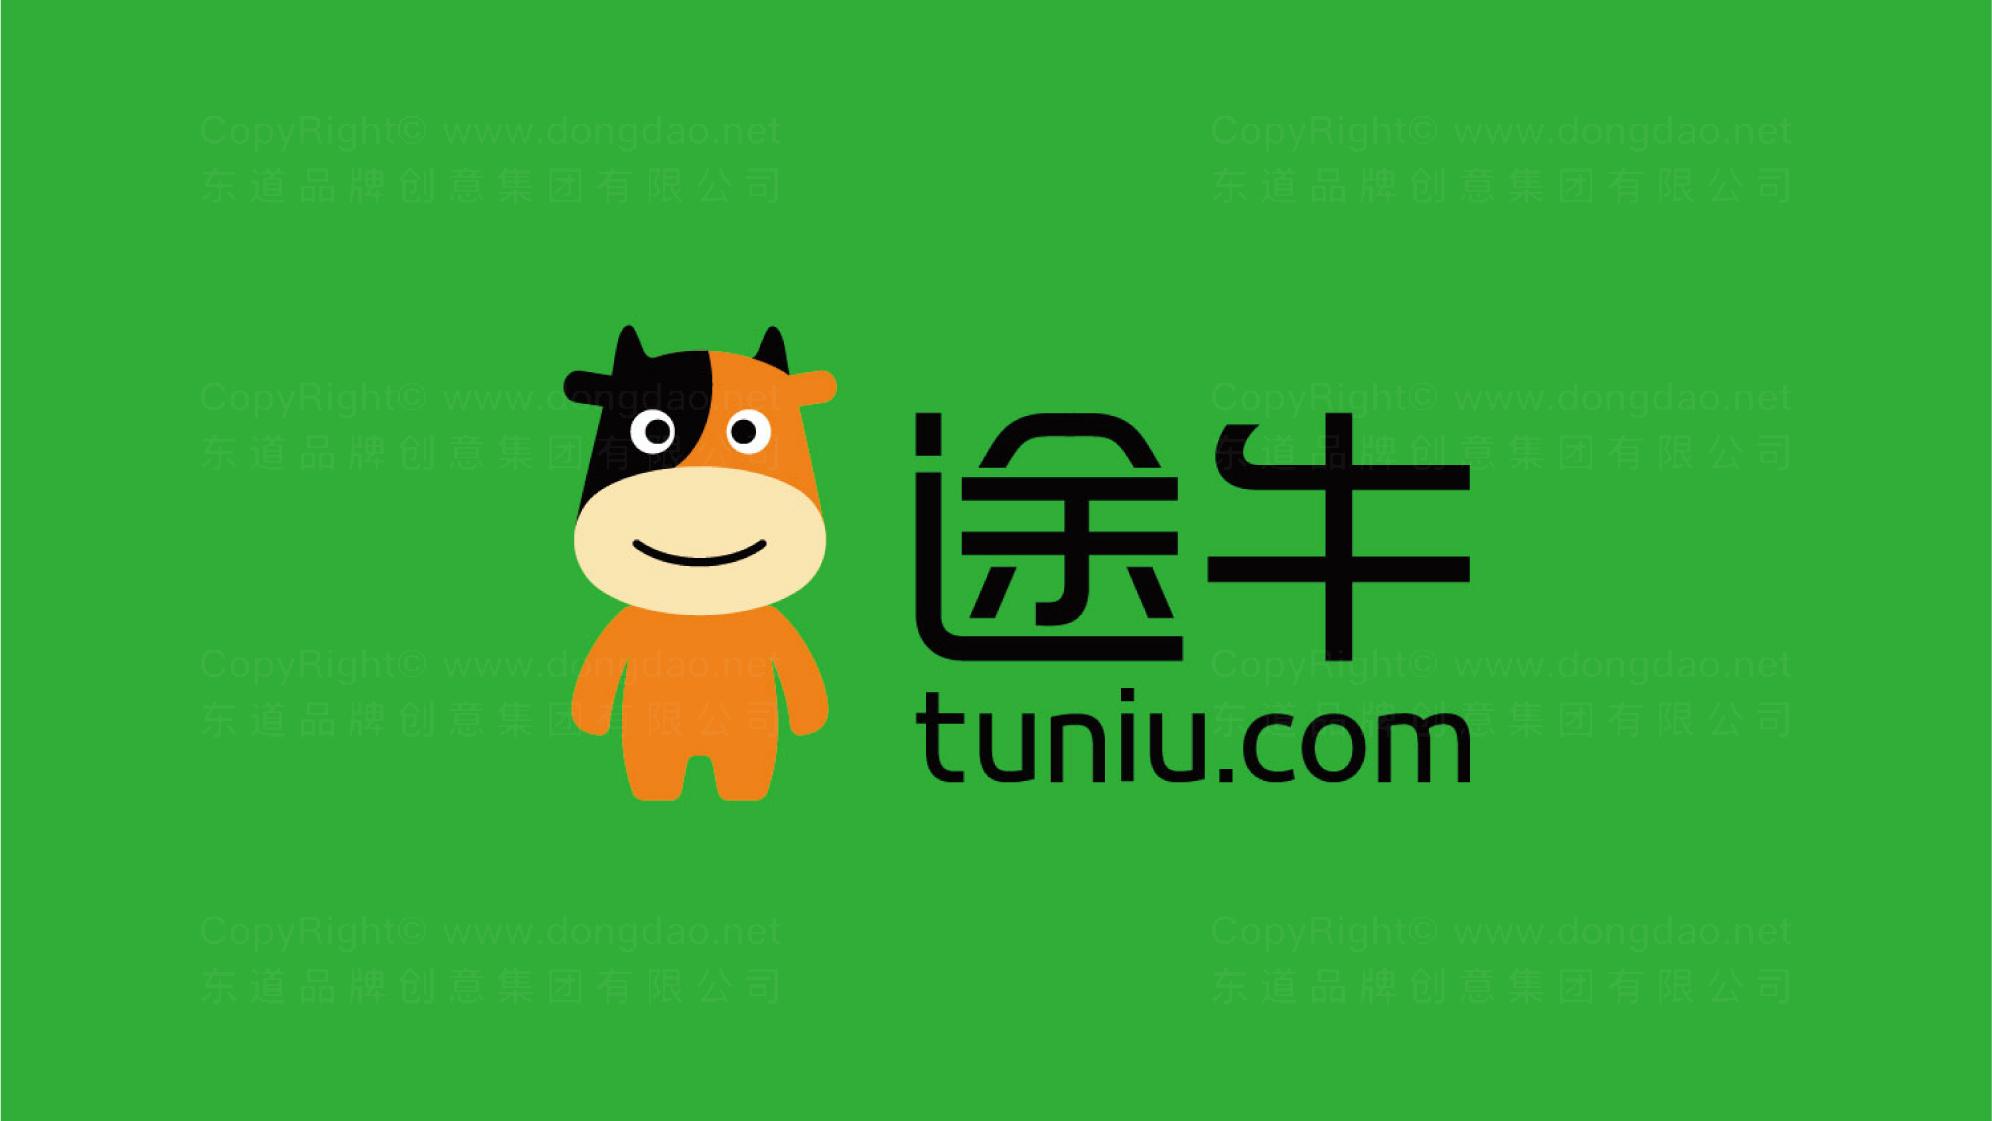 品牌设计途牛旅游网LOGO&VI设计应用